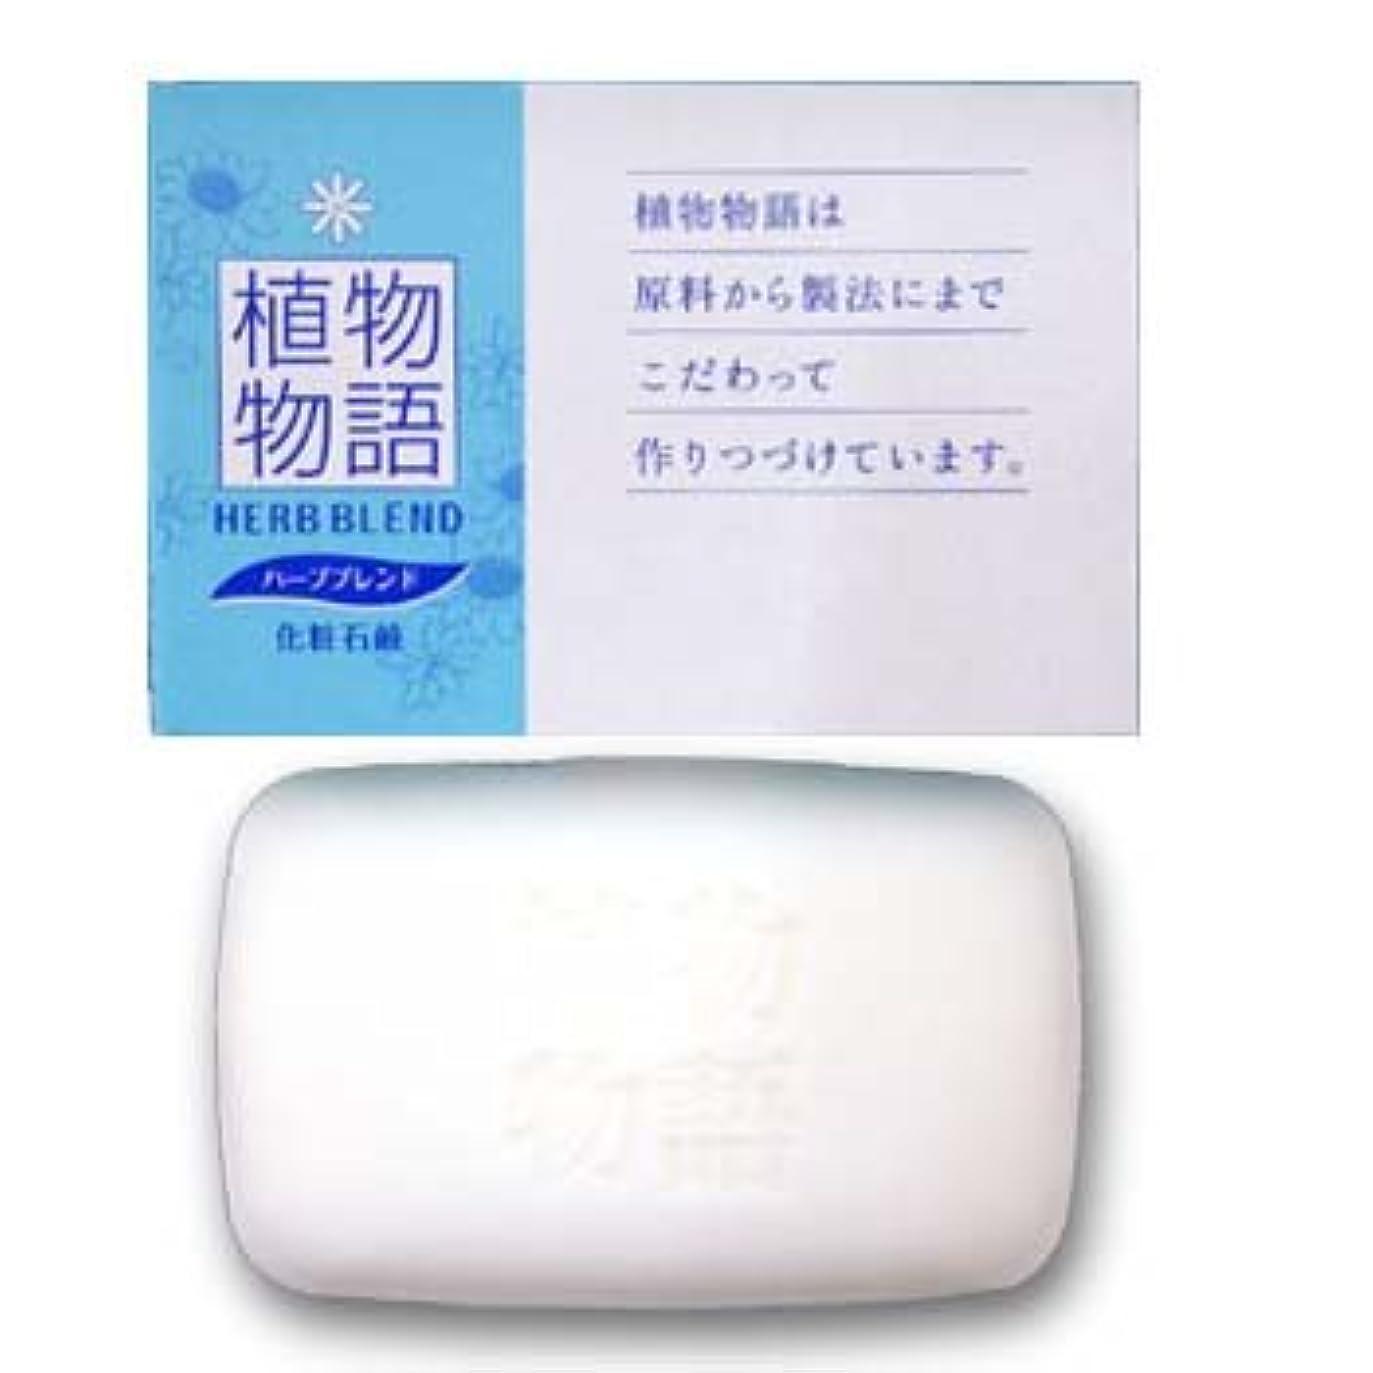 ピニオンカヌーチャーターLION 植物物語石鹸80g化粧箱入(1セット100個入)